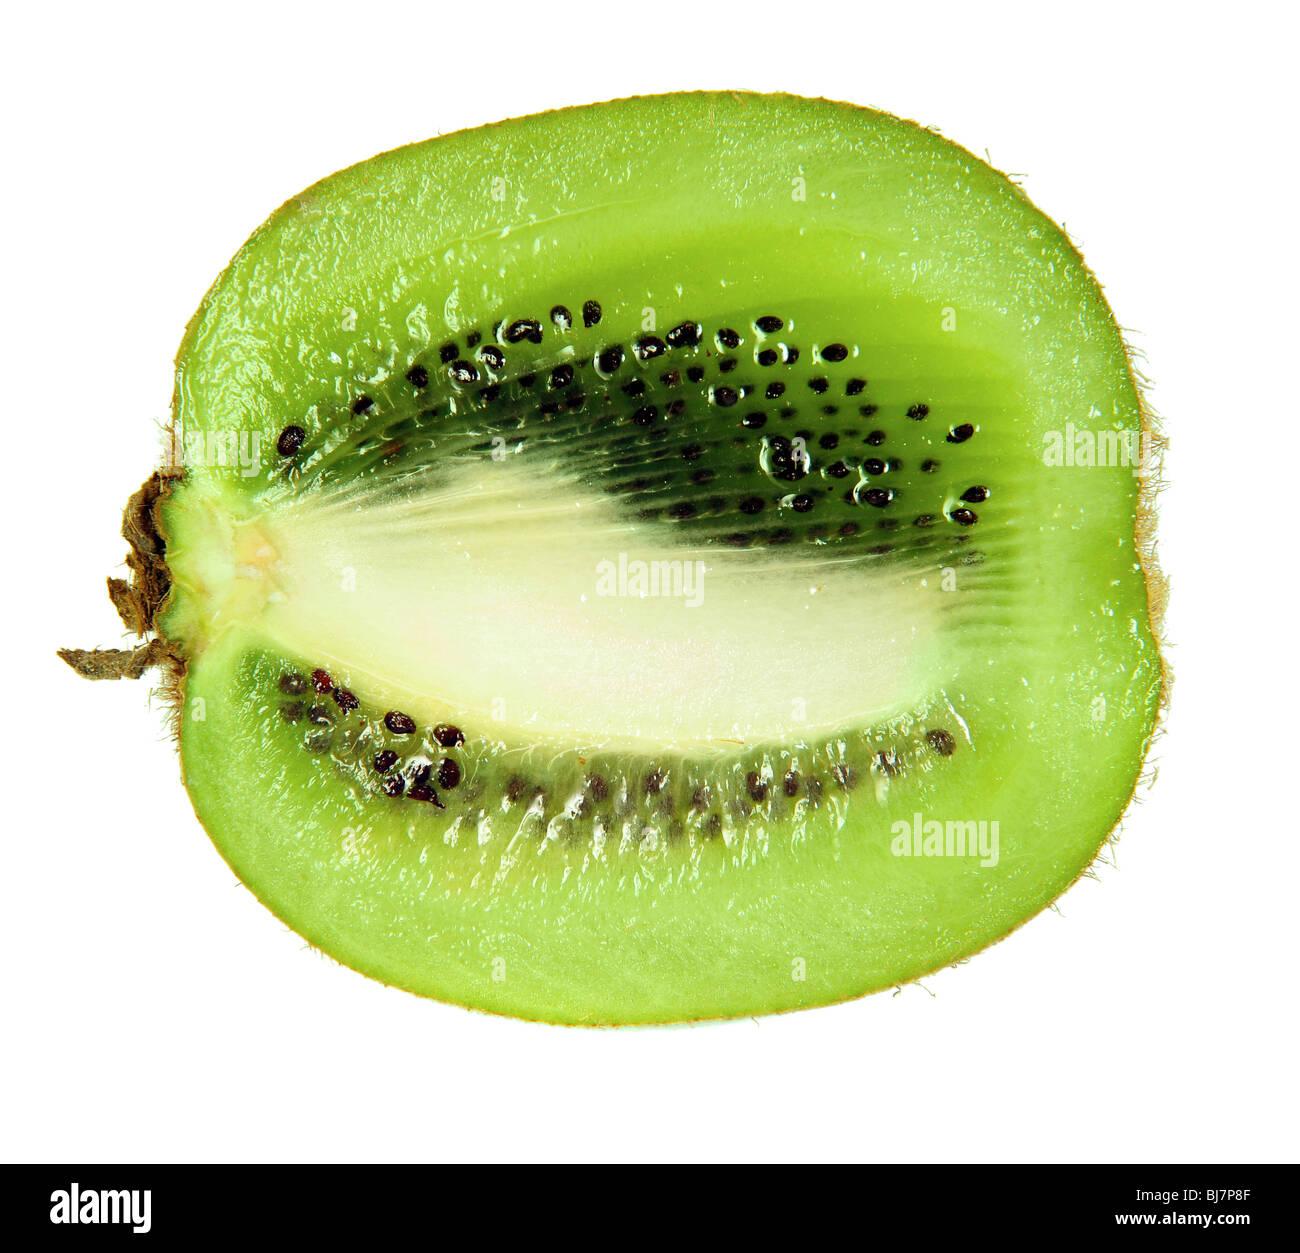 Fetta di kiwi isolato su bianco Immagini Stock